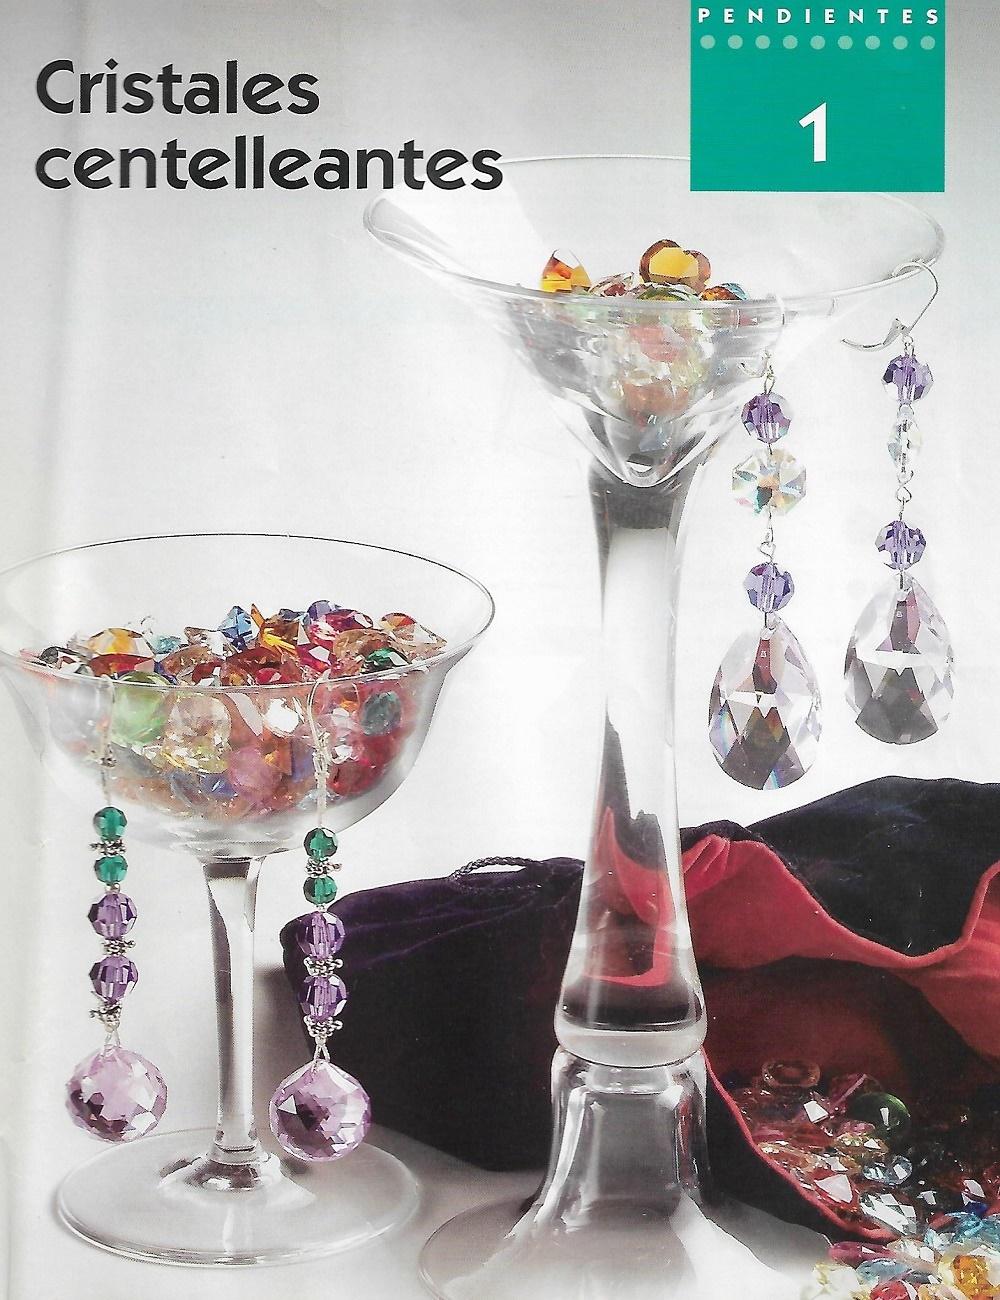 pendientes cristales,tutoriales, bisutería, manualidades